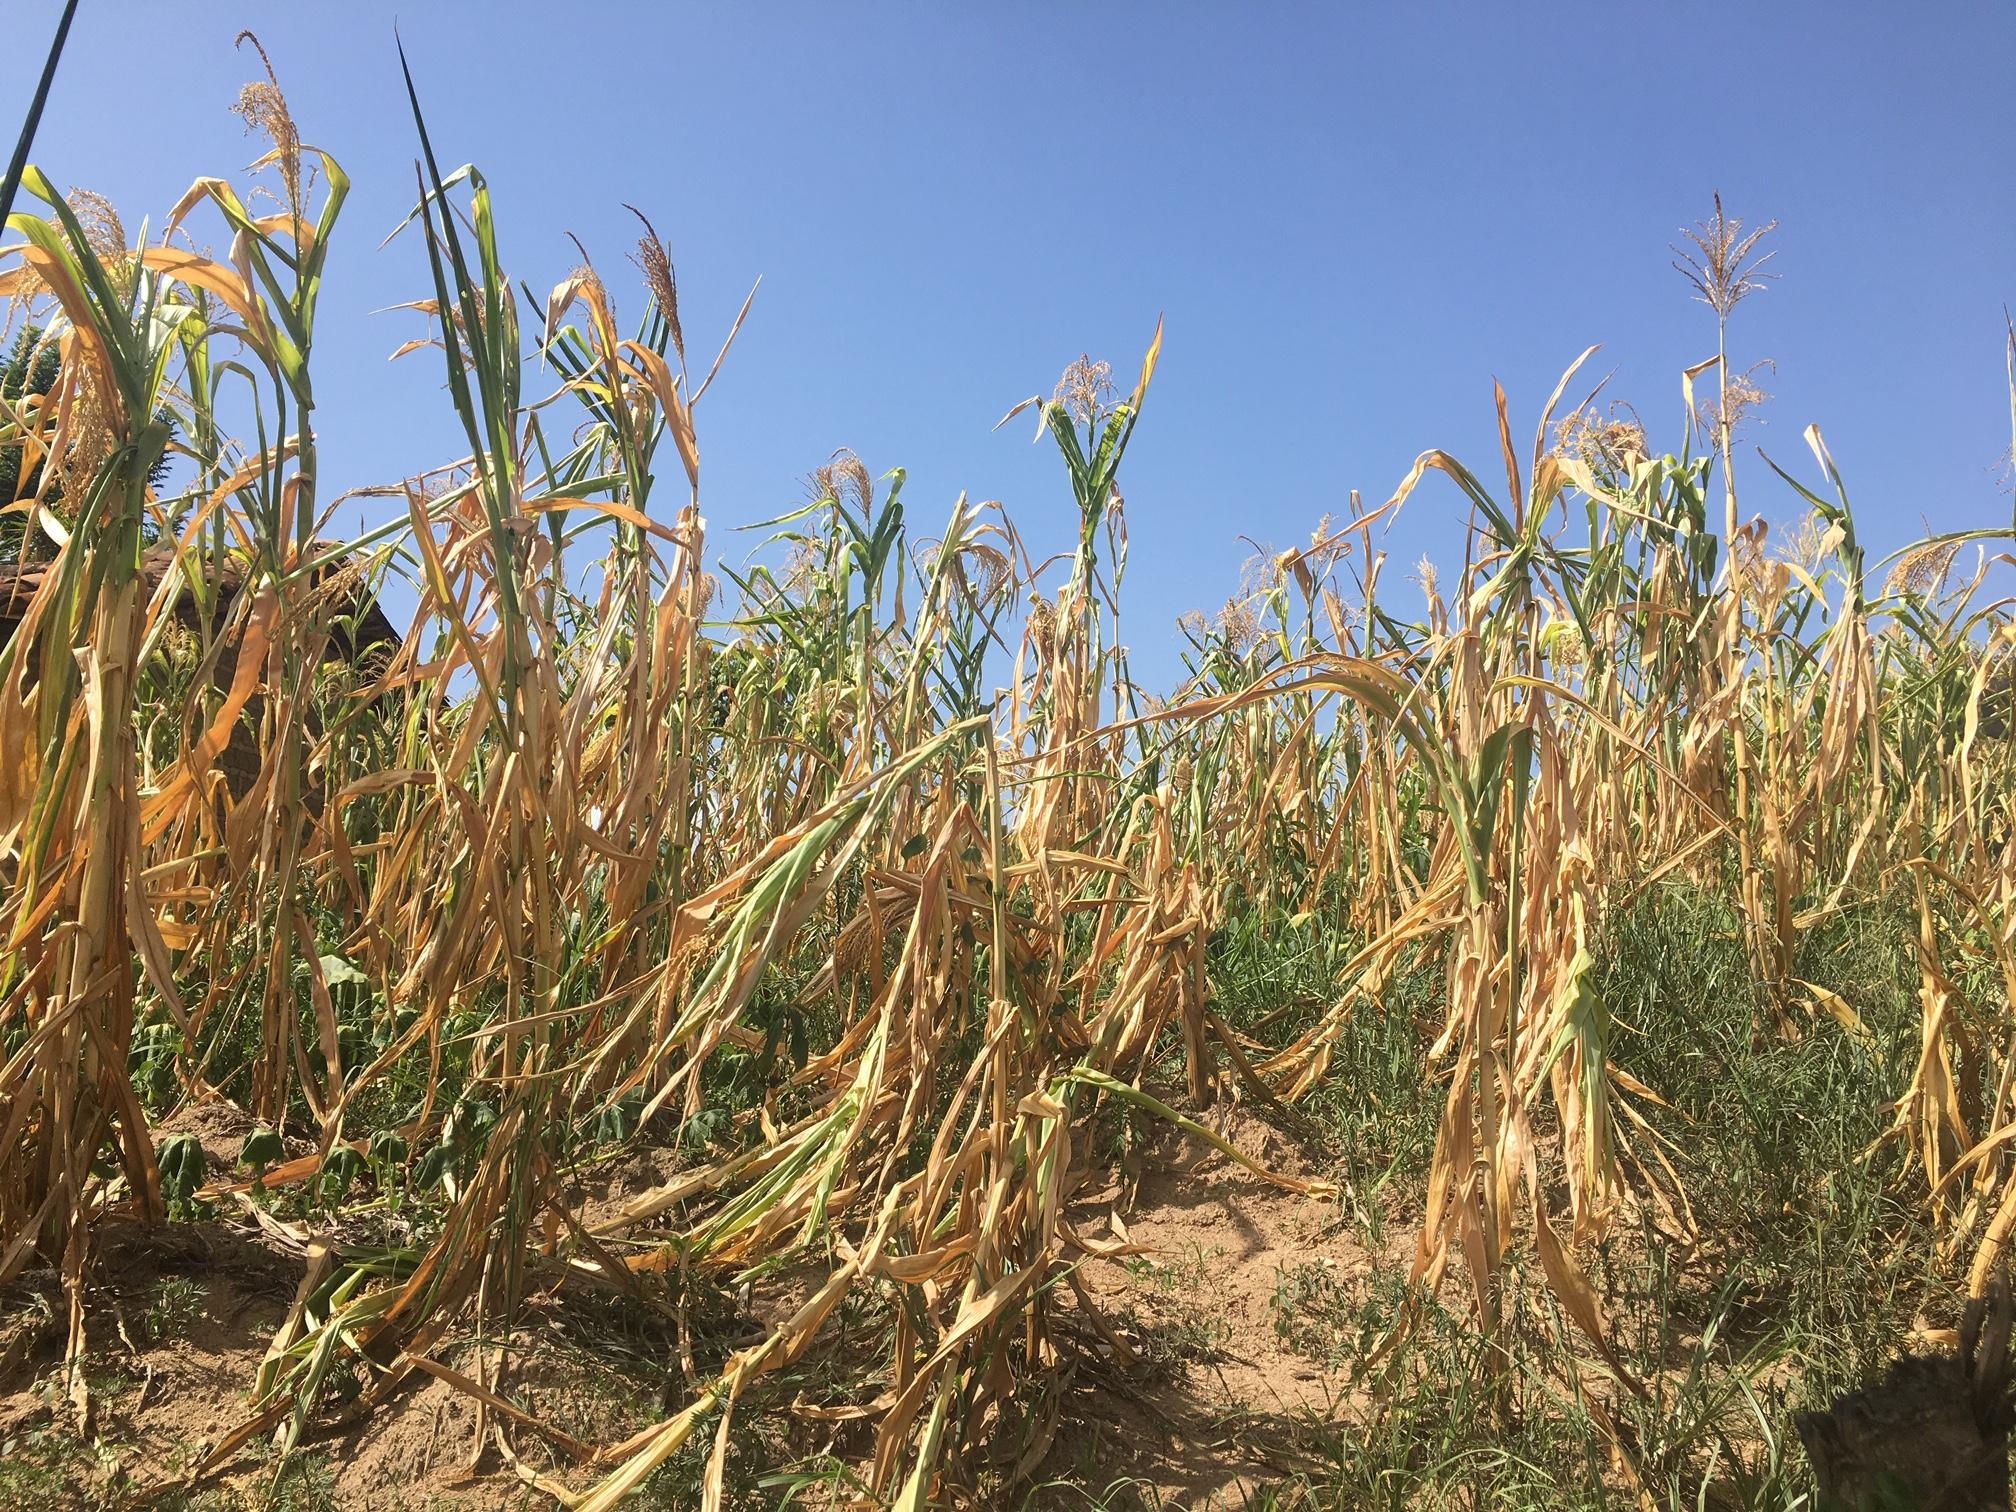 La sequía ha destruido las milpas convencionales. Foto: Sebastián Escalón